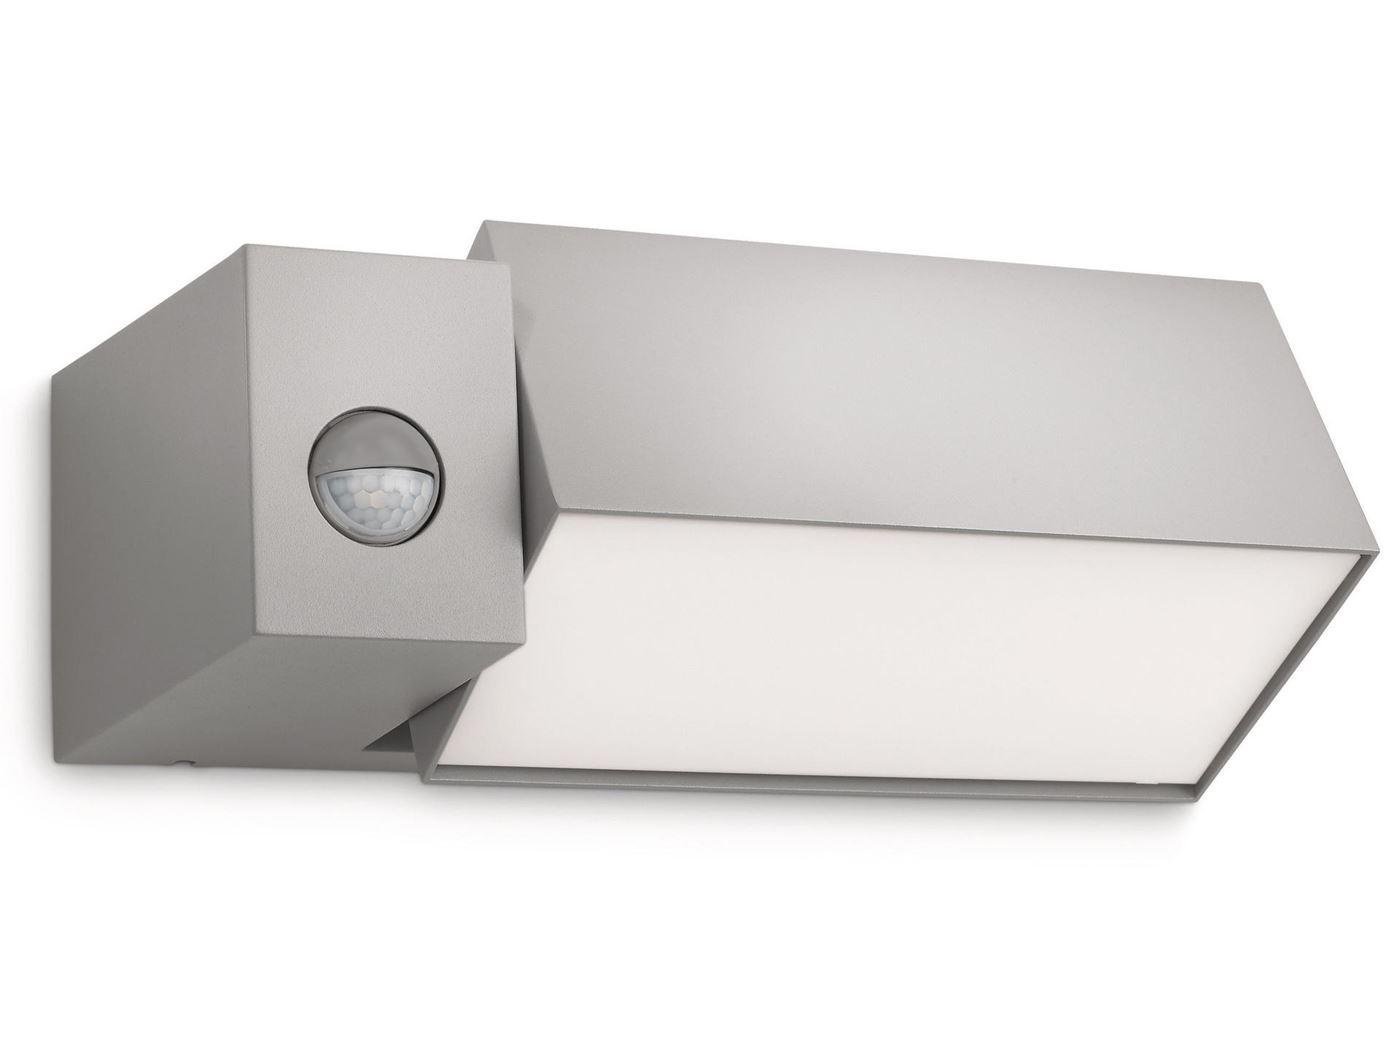 philips border wall lantern grey TL 1x23w 230v